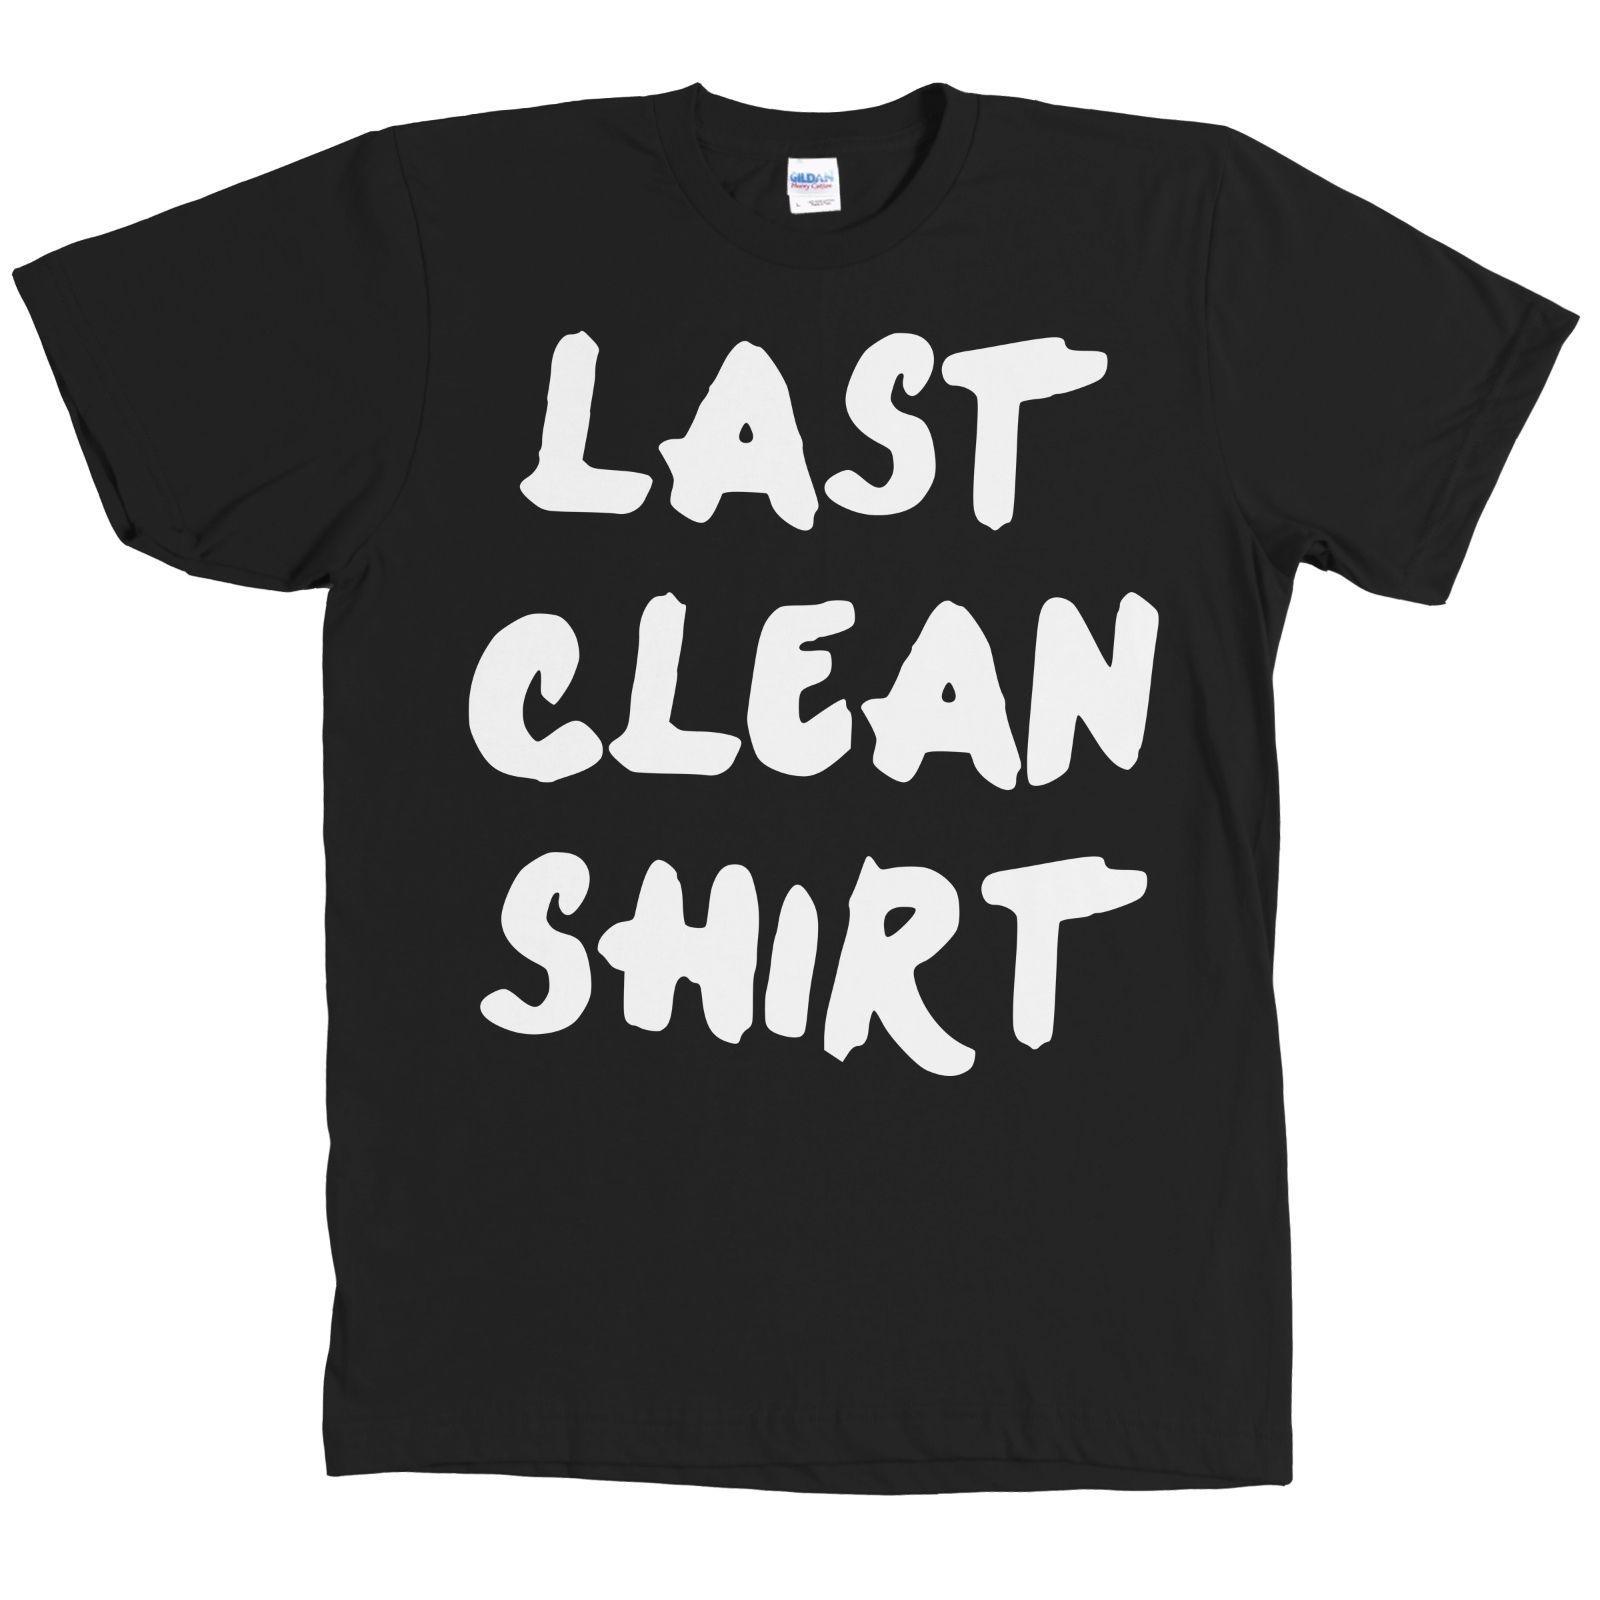 b4e2e7b94 Last Clean Shirt Funny Graphic Black Tee NEW WITH TAGS Retro T Shirts Tshirt  Designs From Freshrags, $11.01  DHgate.Com